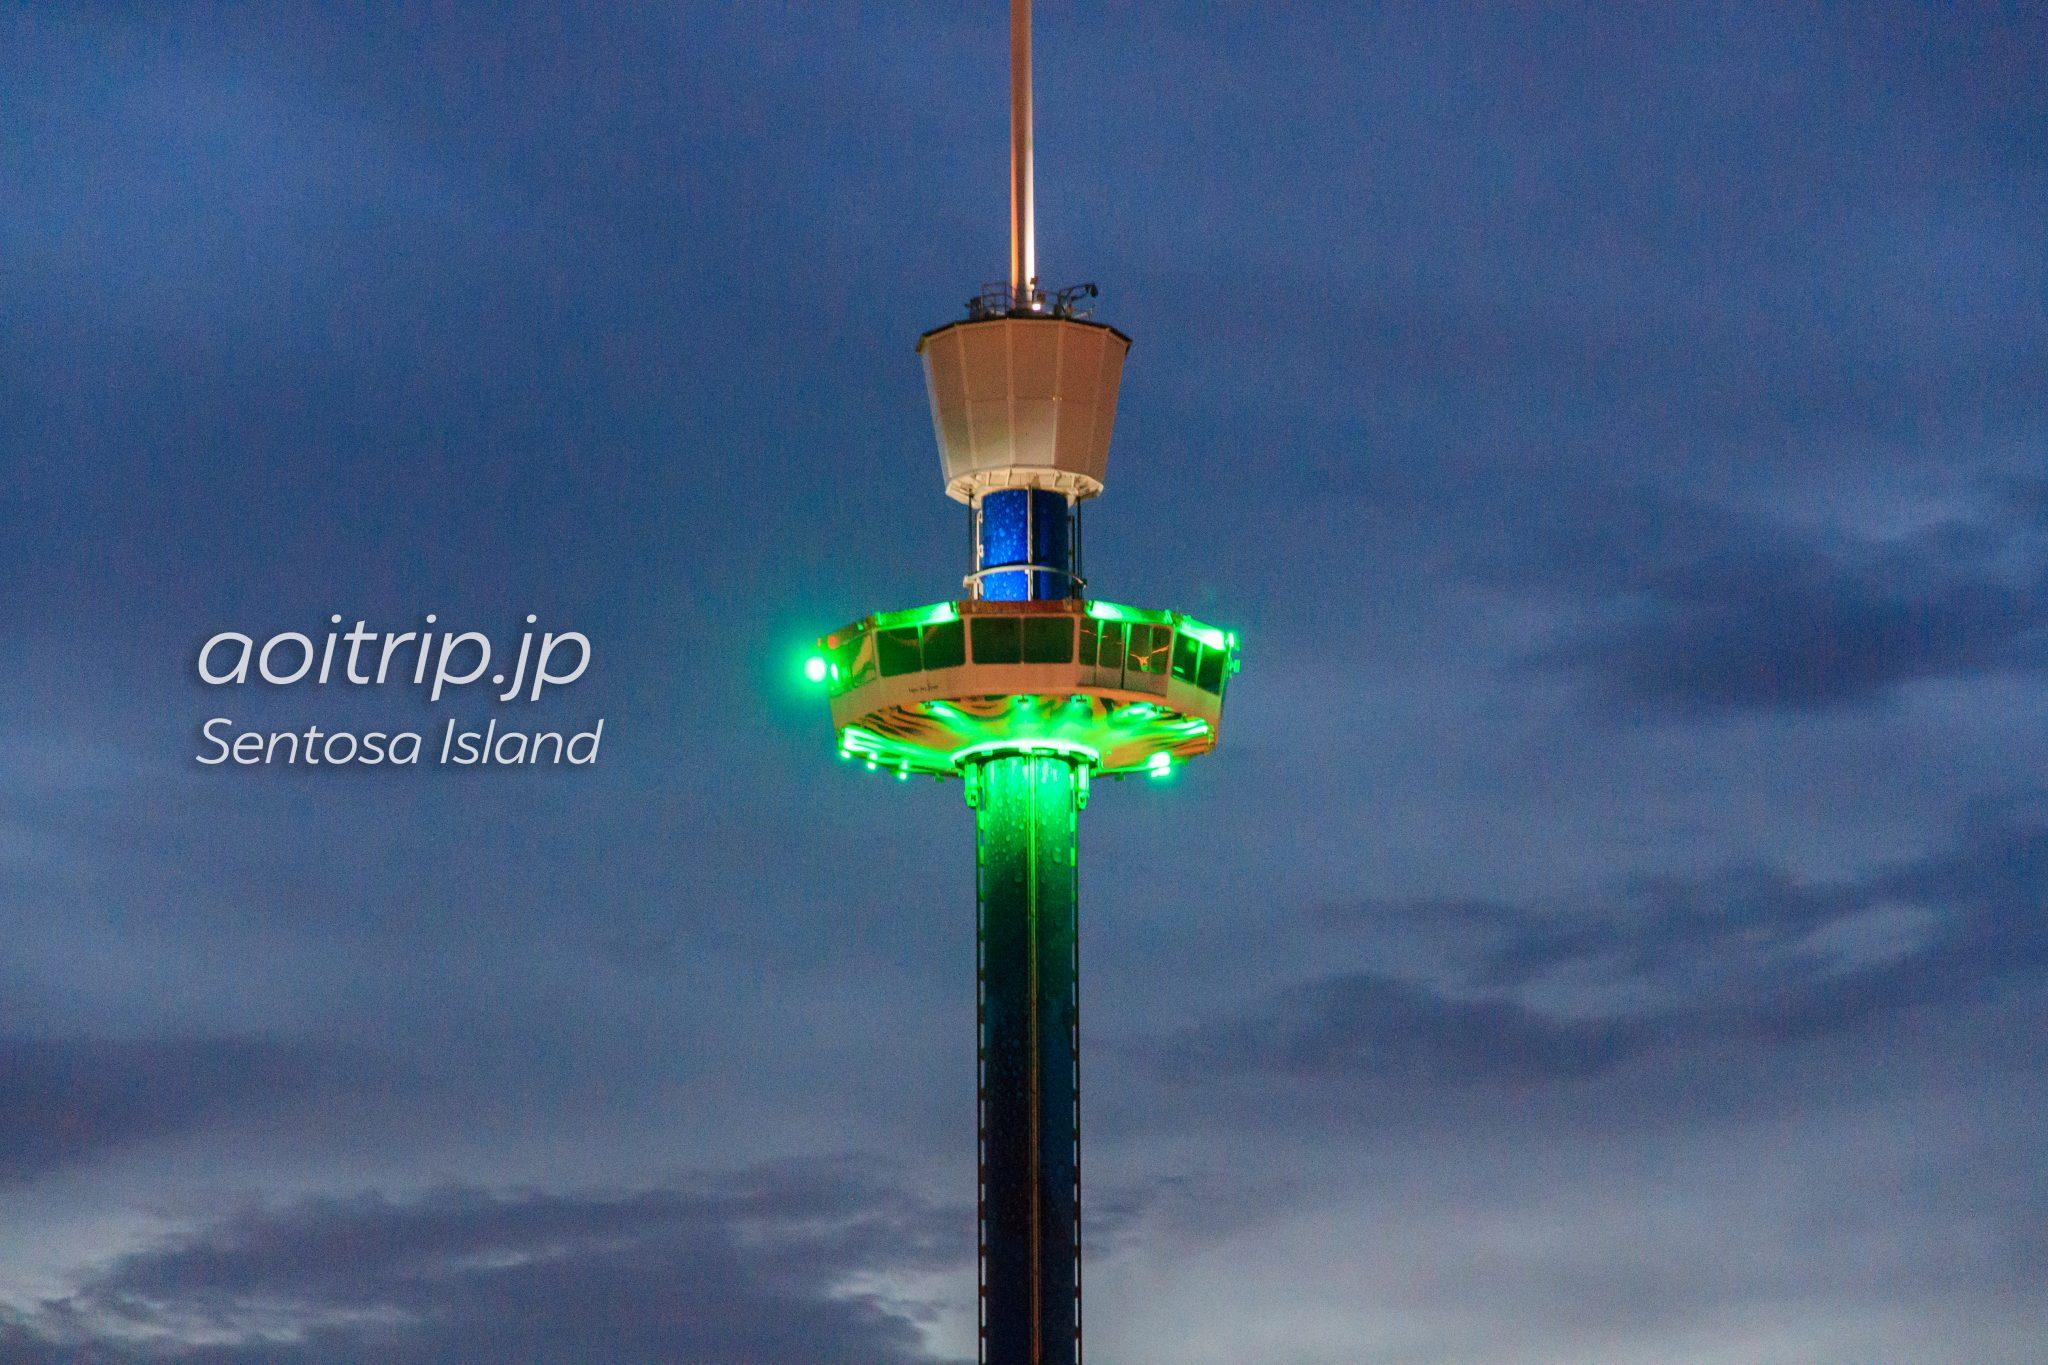 タイガースカイタワー